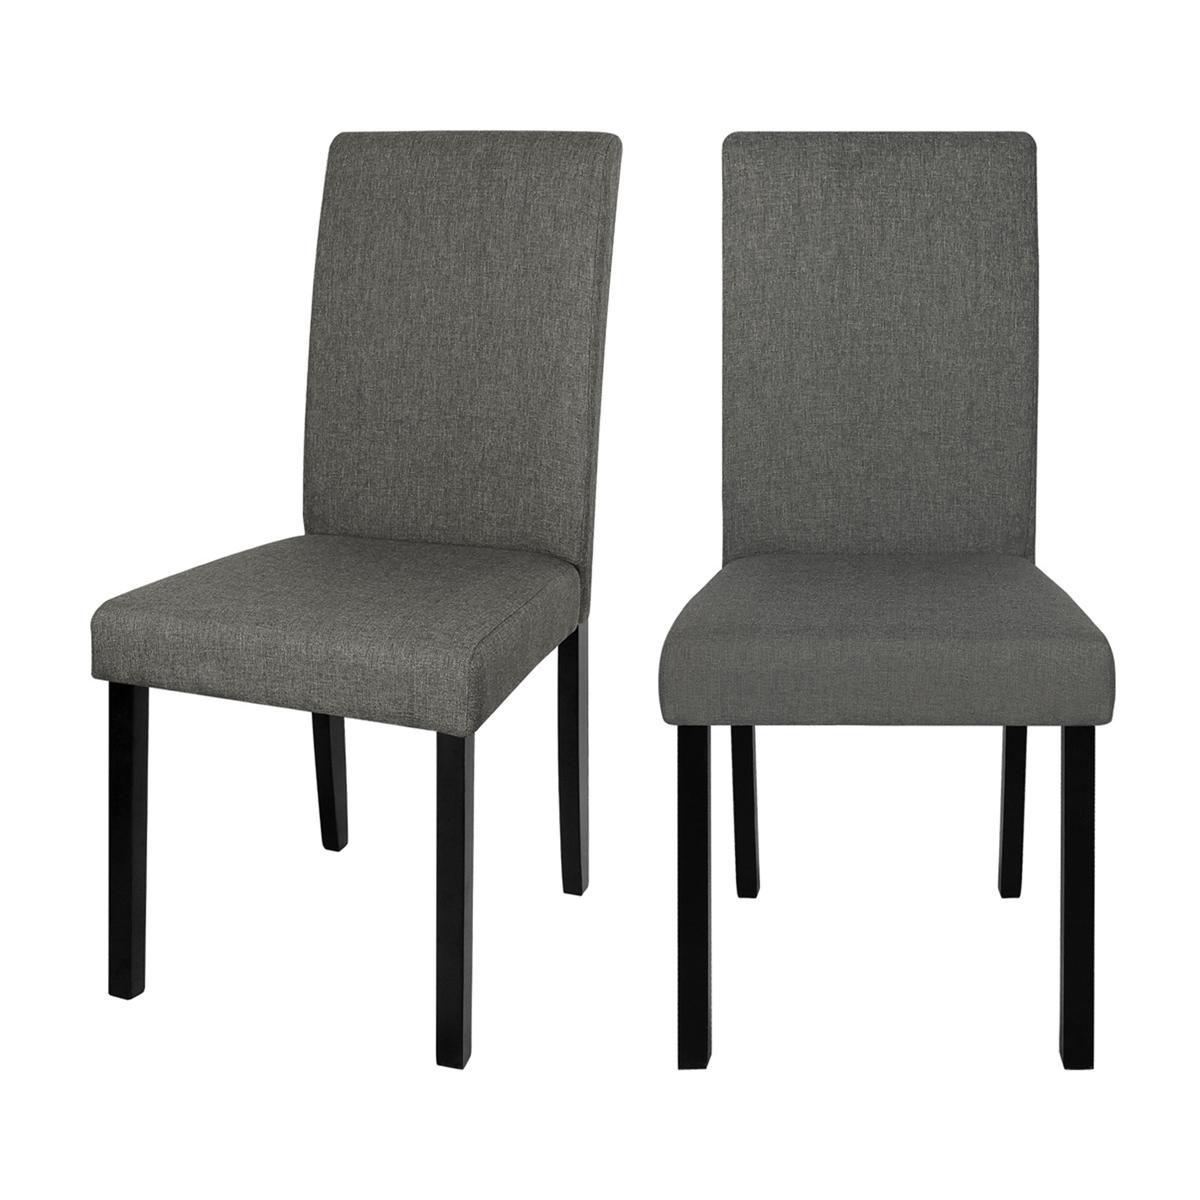 Chaise en tissu gris (lot de 2)